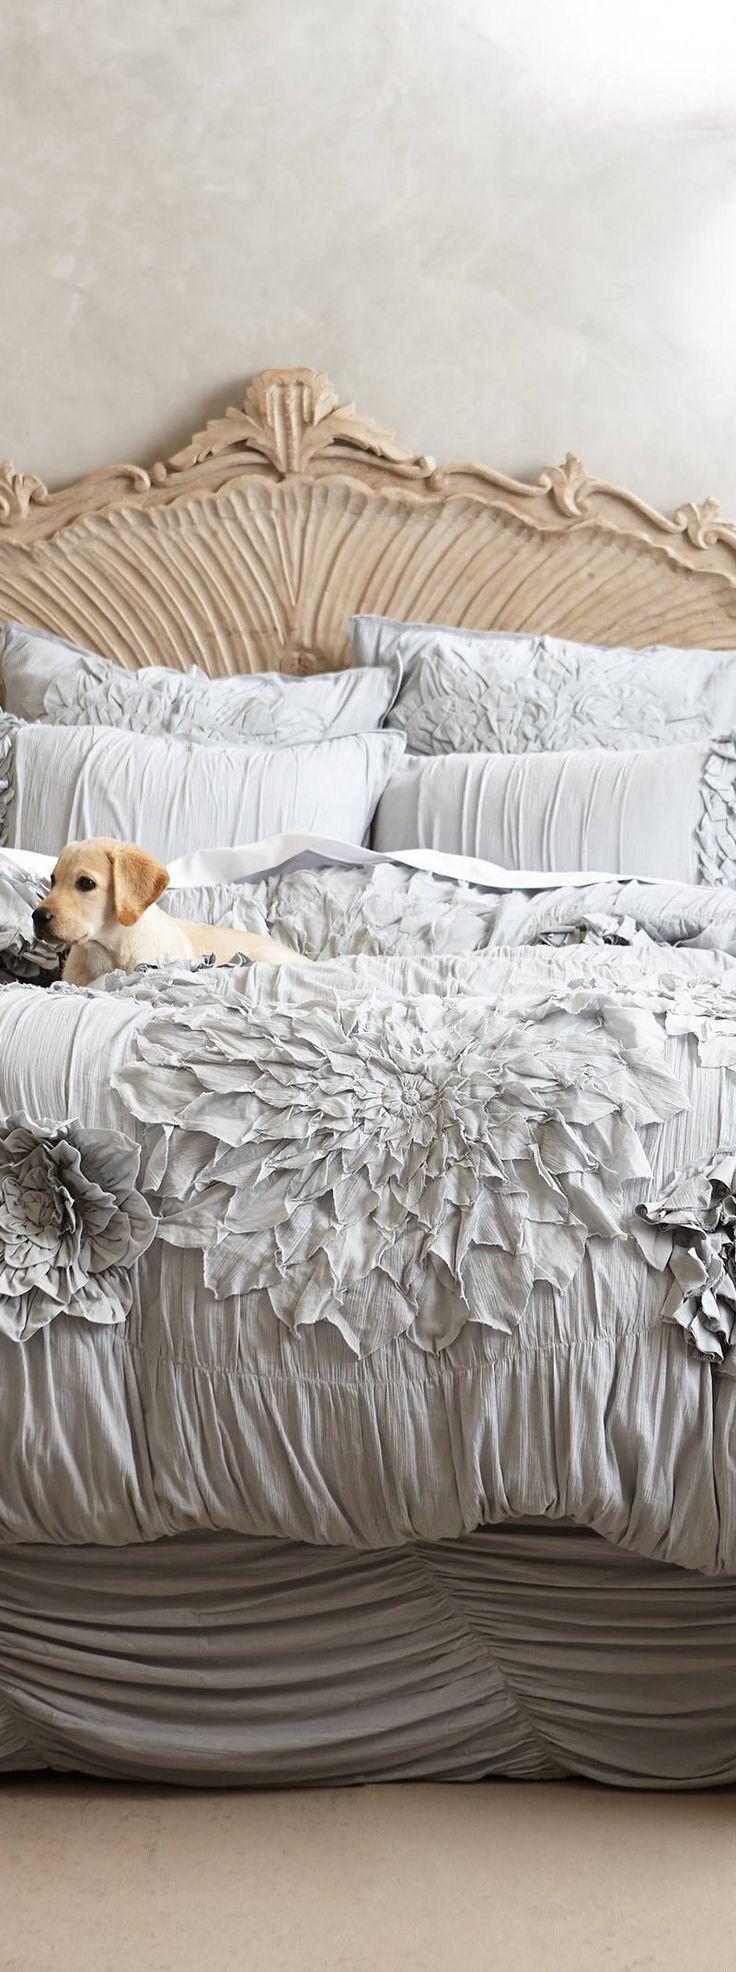 Luxury Bedding                                                                                                                                                      More